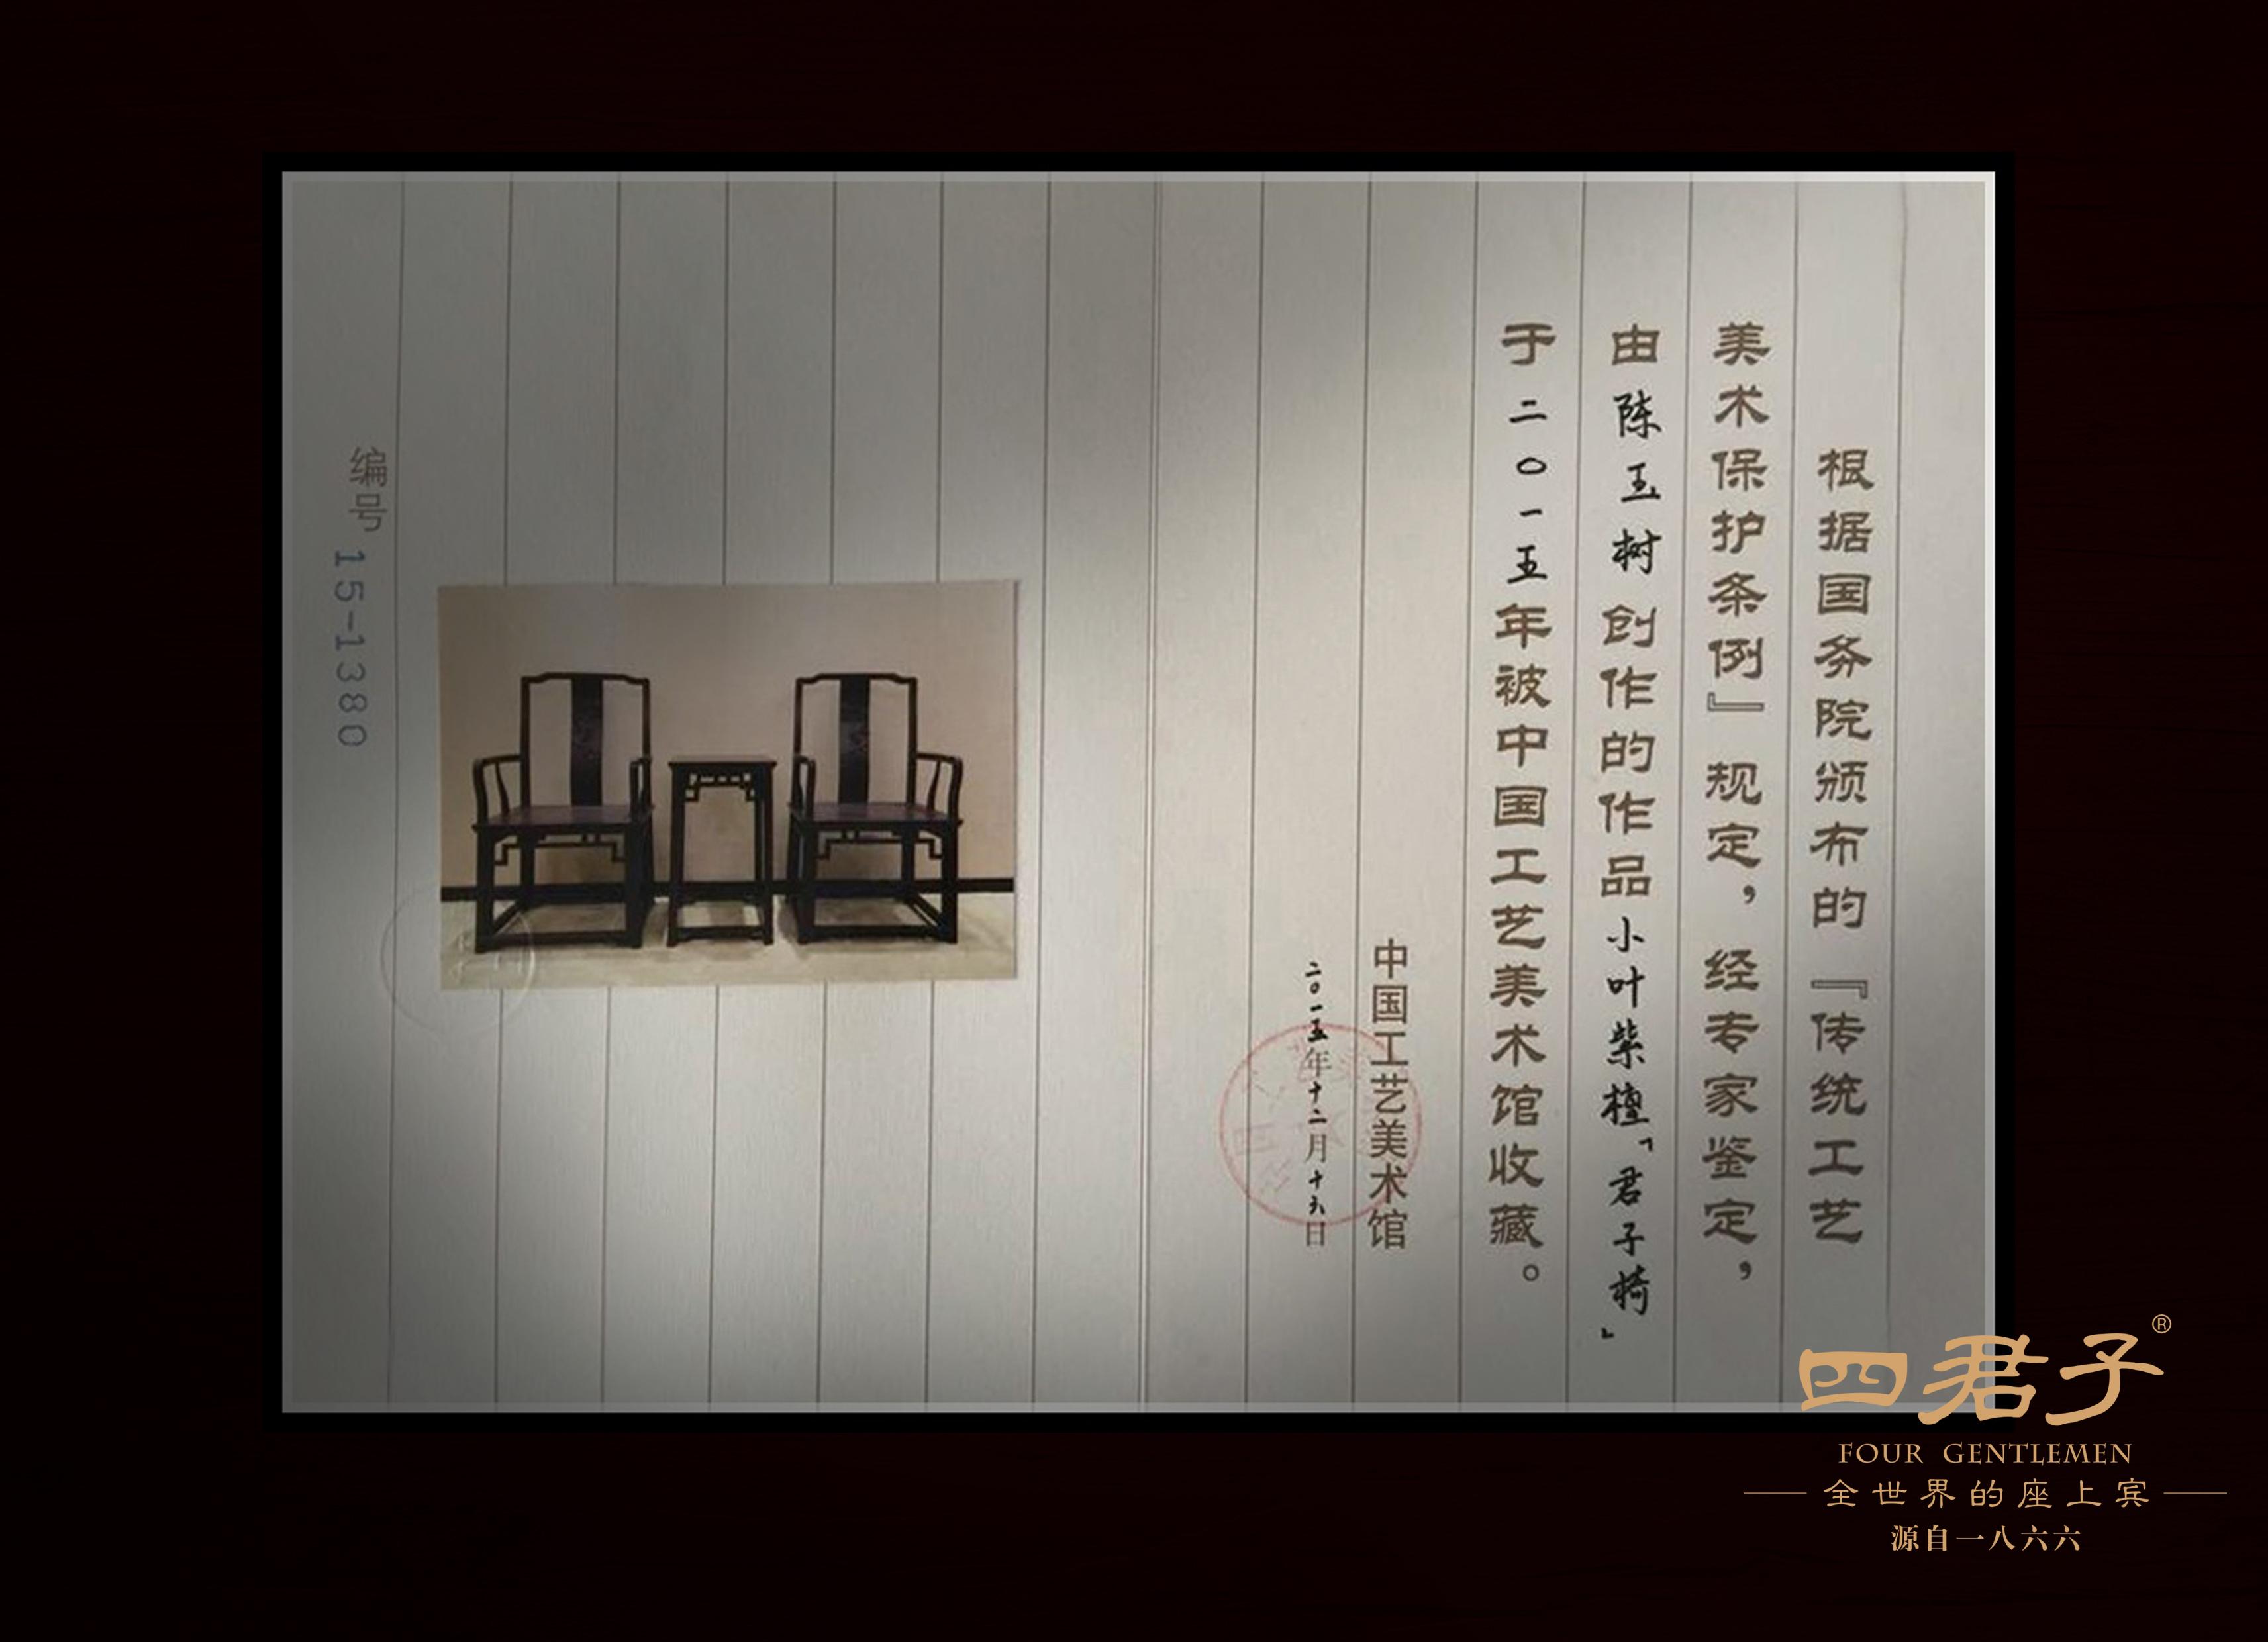 君子椅美术馆收藏证_副本.jpg